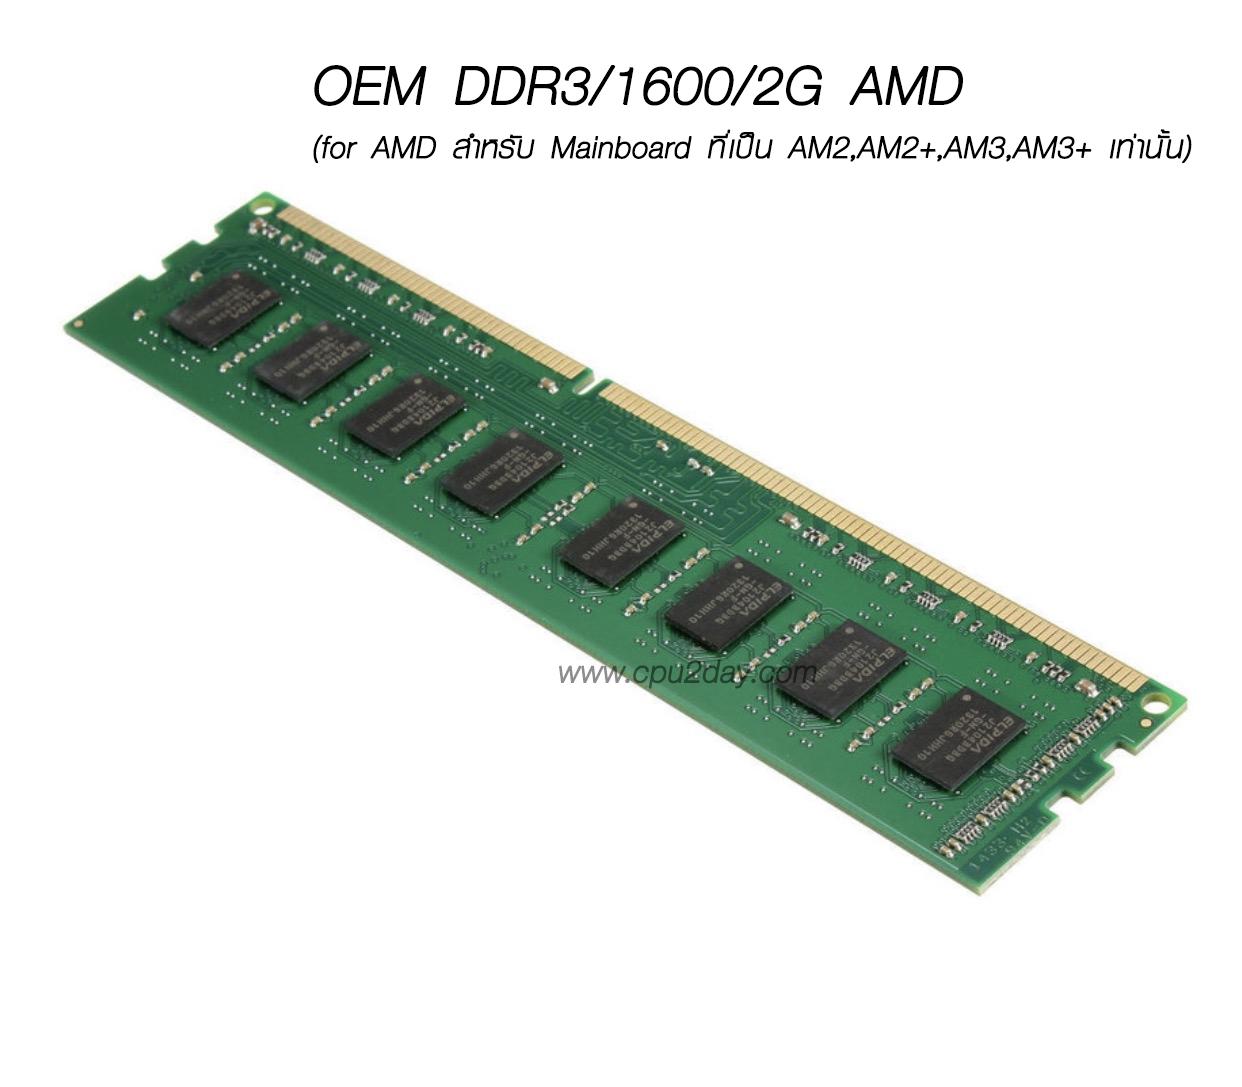 OEM DDR3/1600/2G (for AMD สำหรับ Mainboard ที่เป็น AM2,AM2+,AM3,AM3+ เท่านั้น)